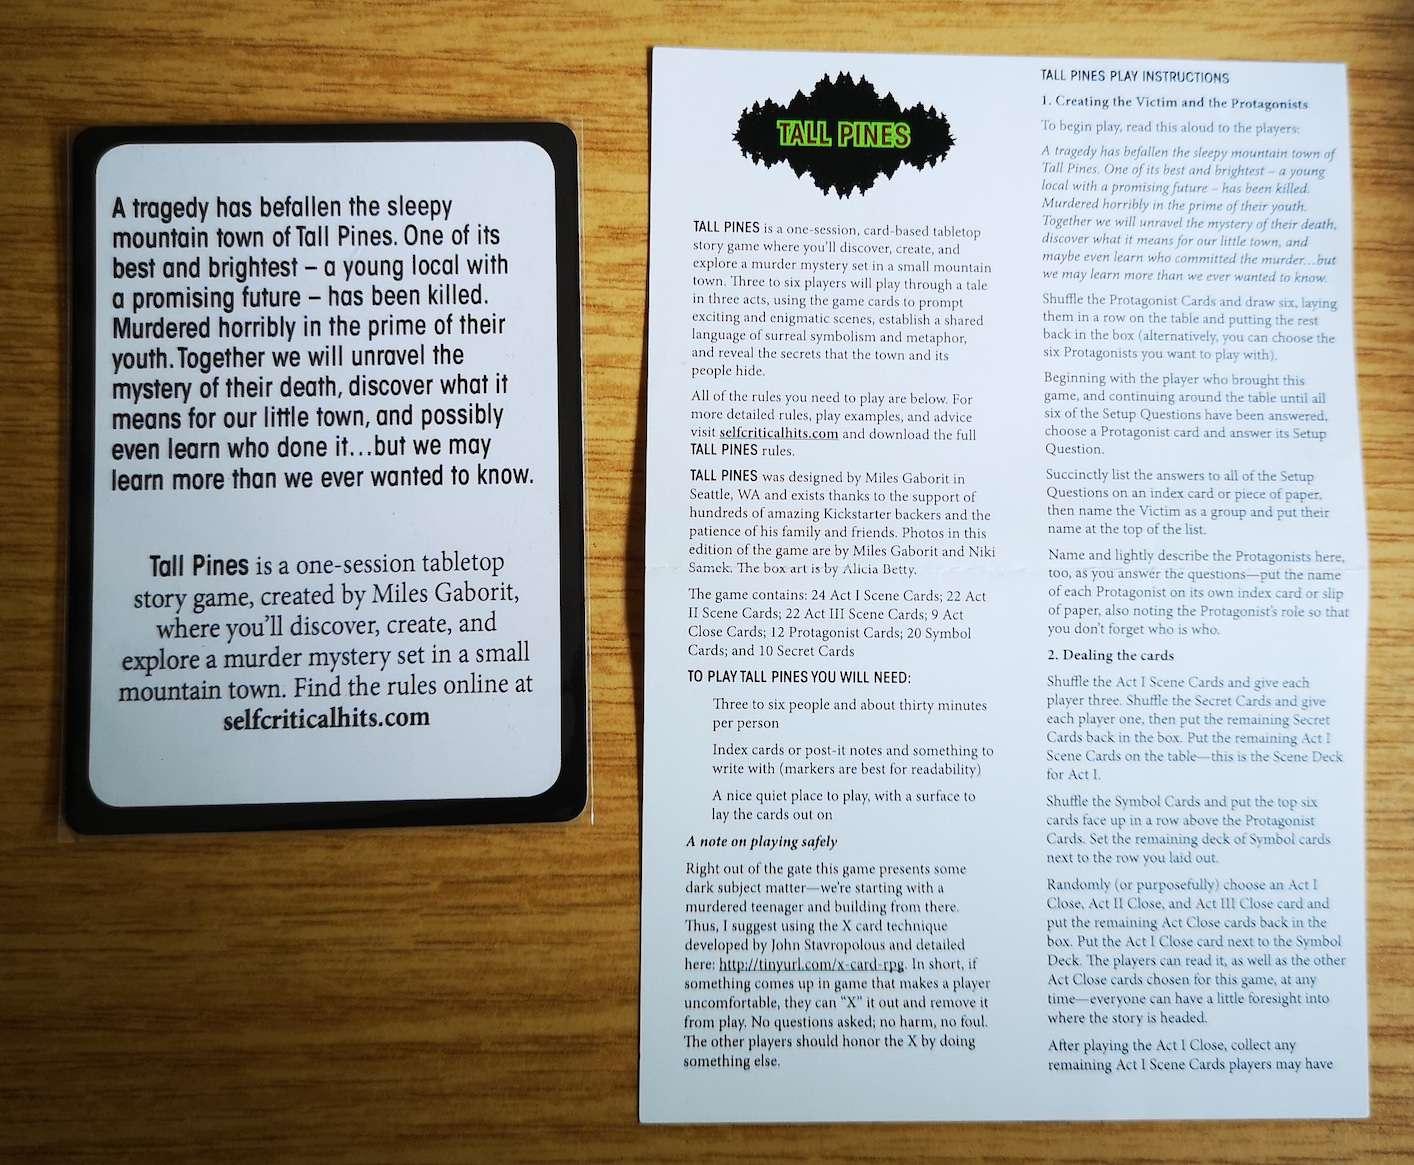 Die Anleitung des Spiels. Daneben zum Größenvergleich eine der Spielkarten, die einer gewöhnlichen Pokerkarte gleicht.